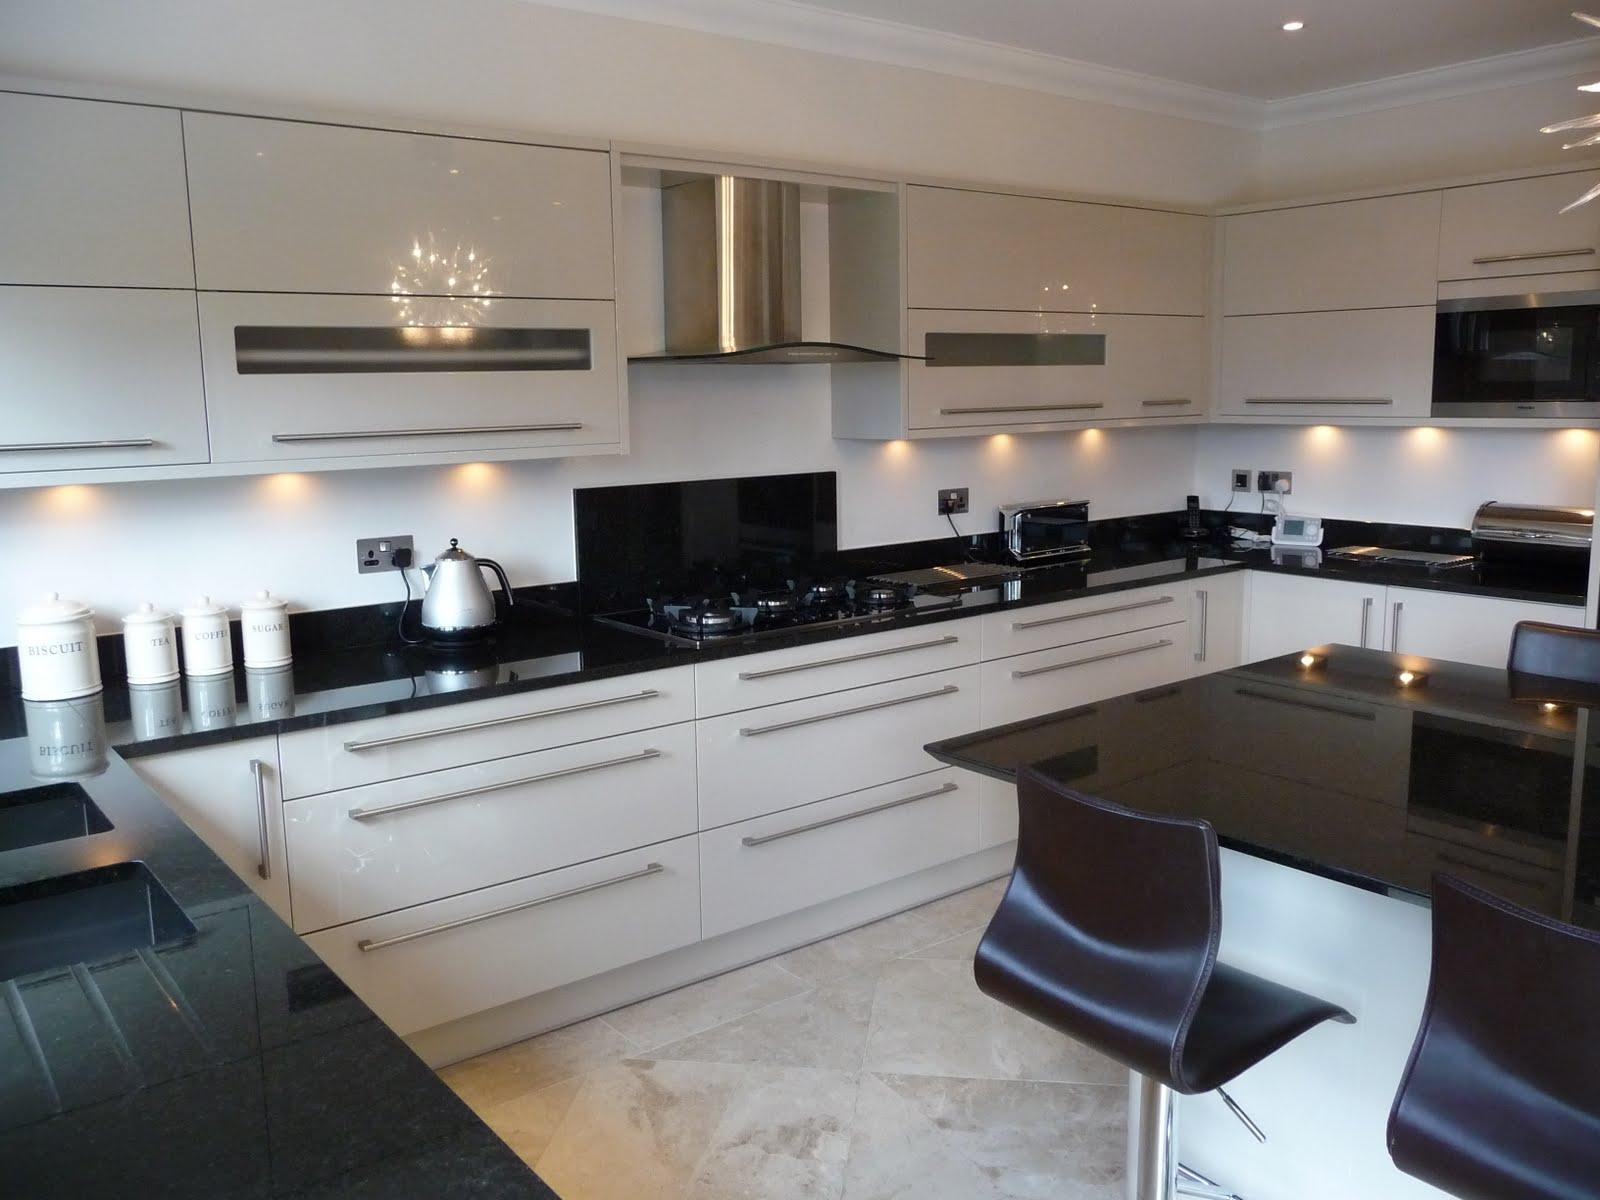 Gloss Beige kitchen with Granite worktops